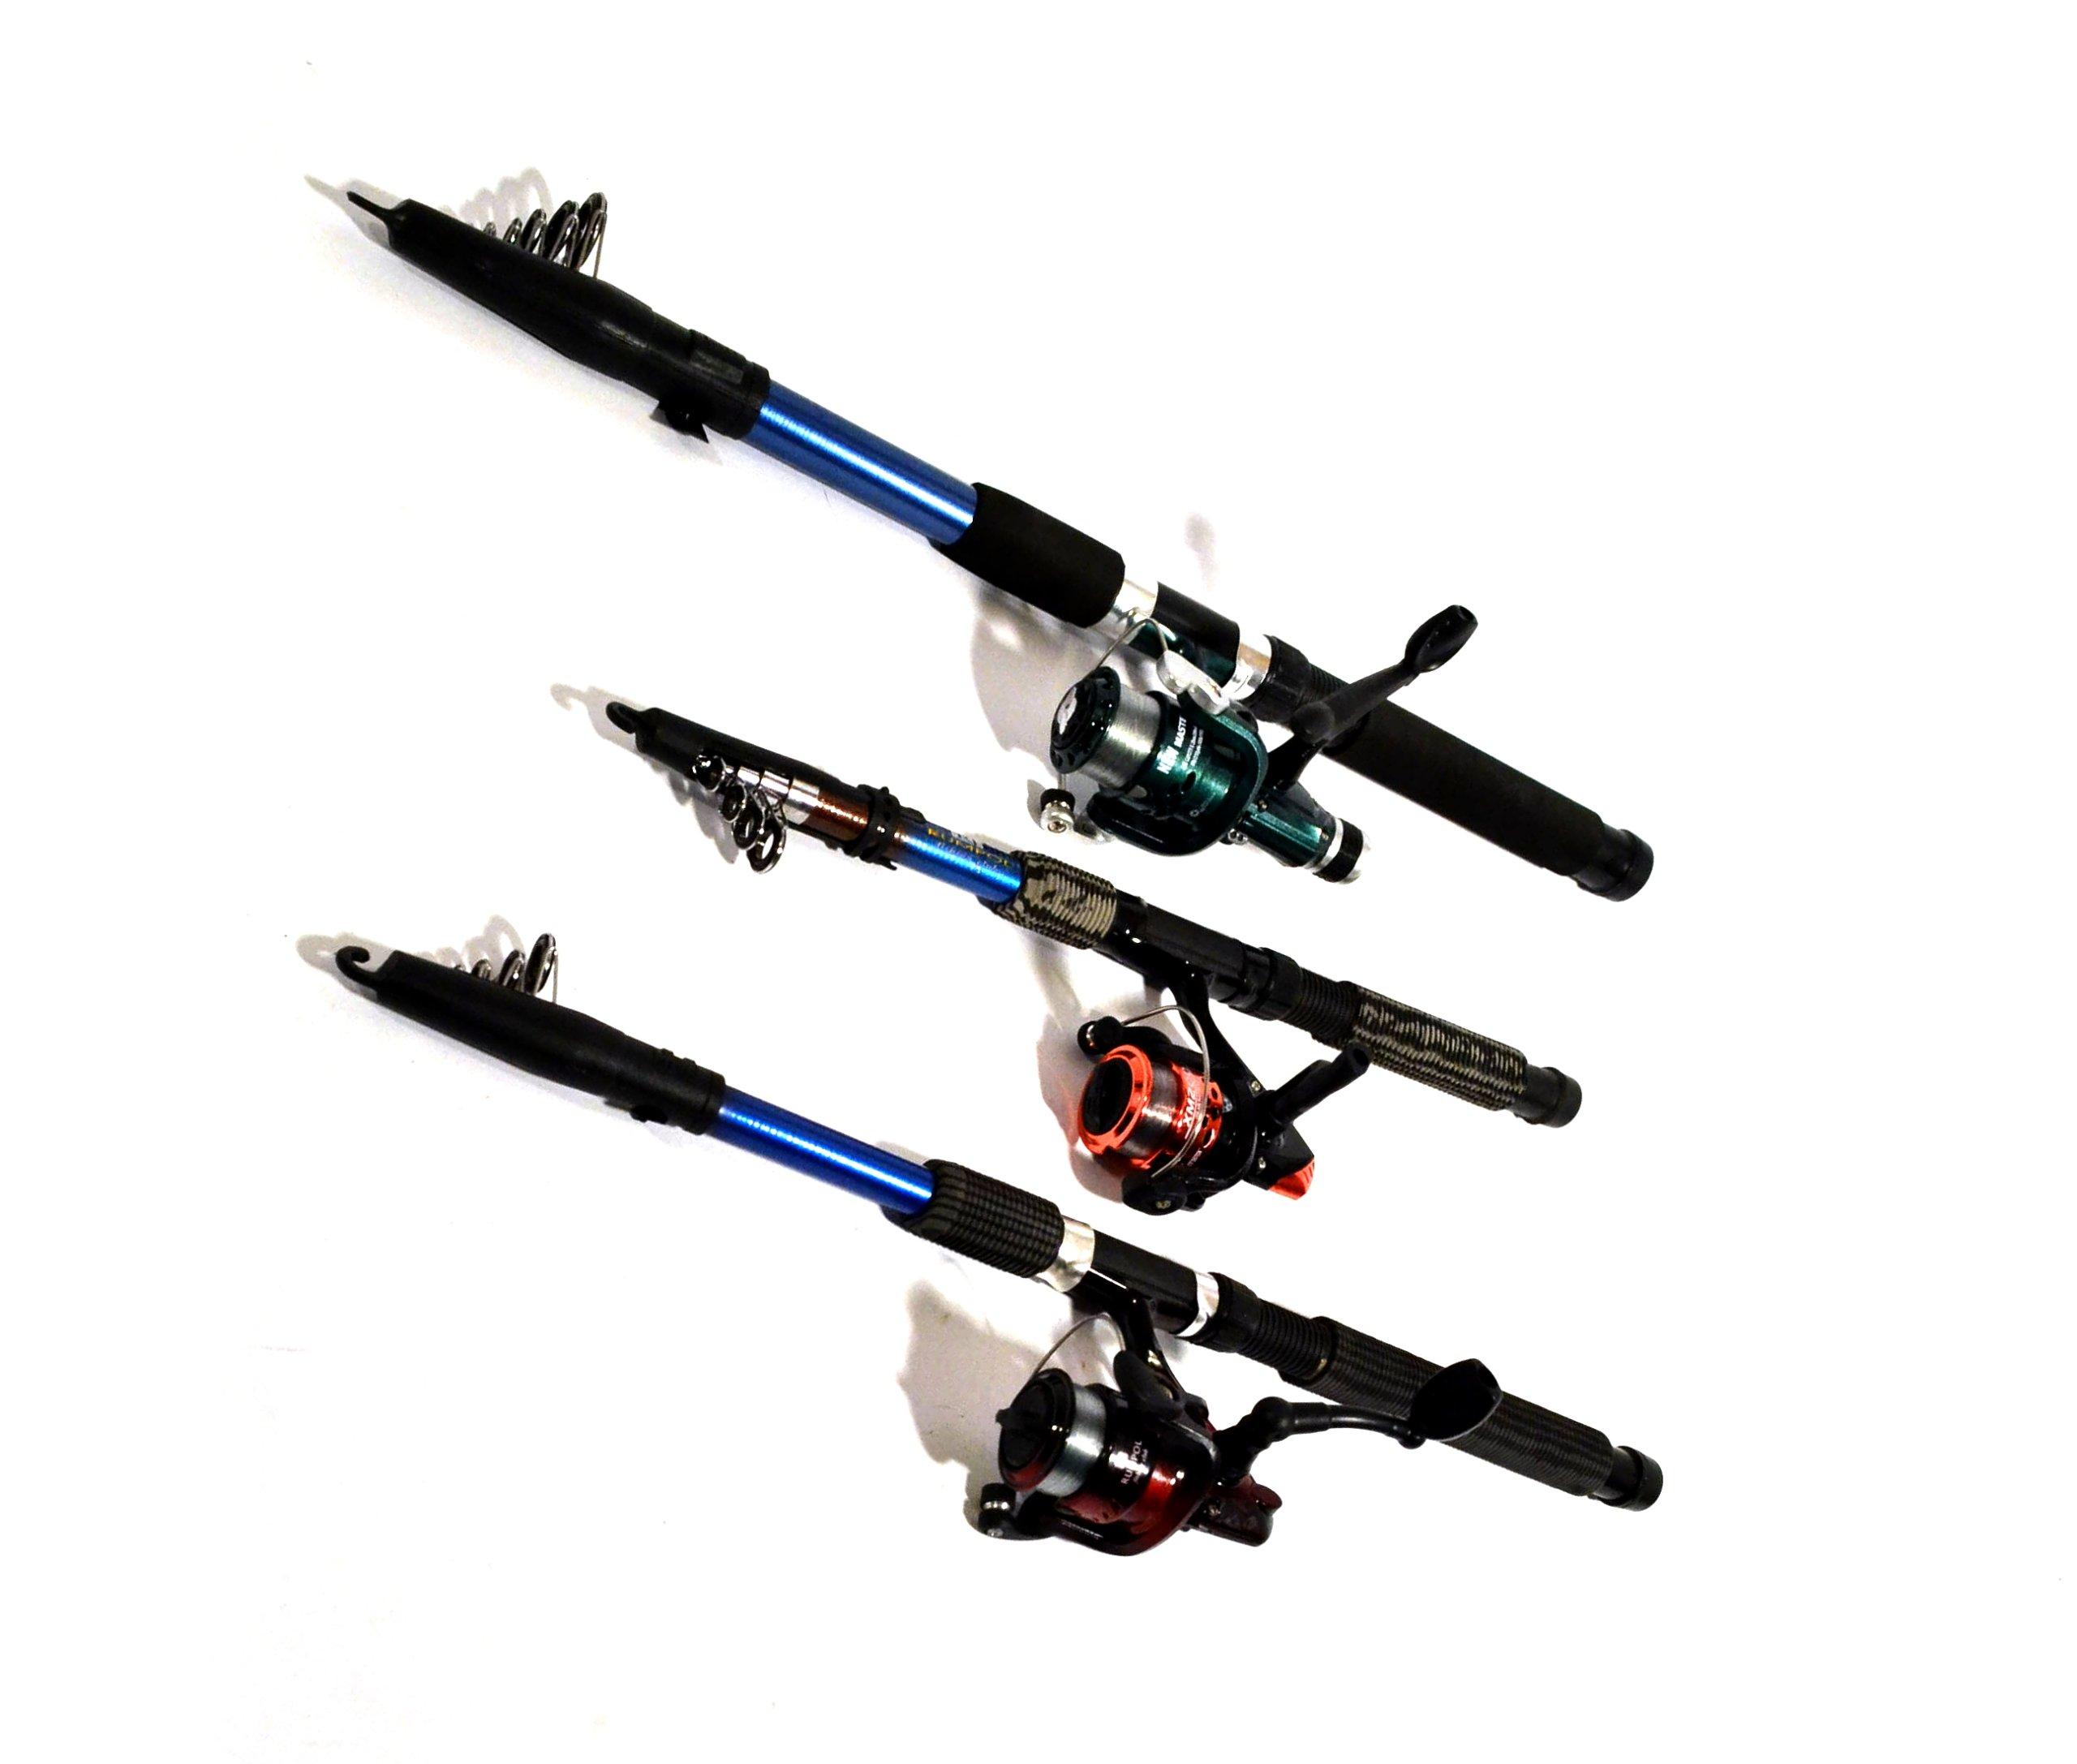 комплект 3 удочки 3 kolowrotki грунт  спиннинг